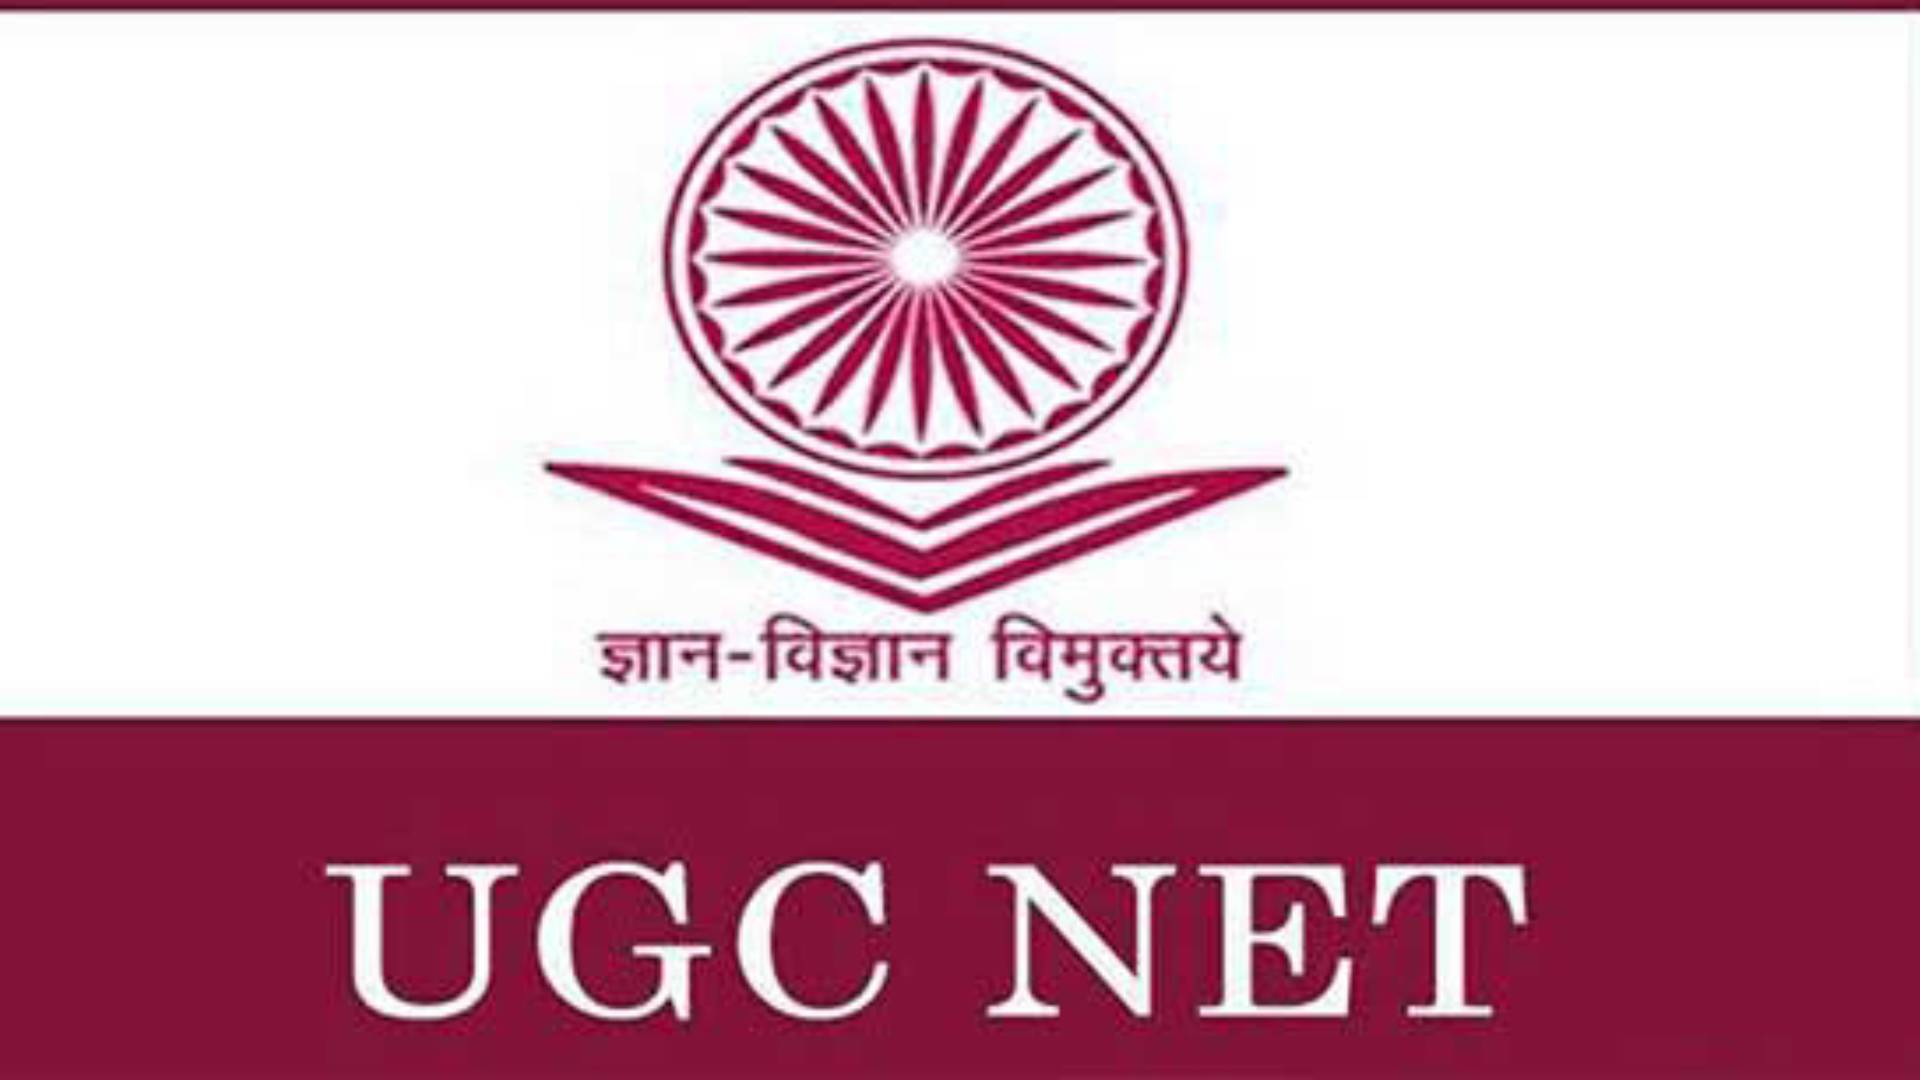 UGC NET December Exam 2019: परीक्षा के लिए ऑनलाइन रजिस्ट्रेशन शुरू, इन तारीखों का कैंडिडेट्स रखें खास ख्याल